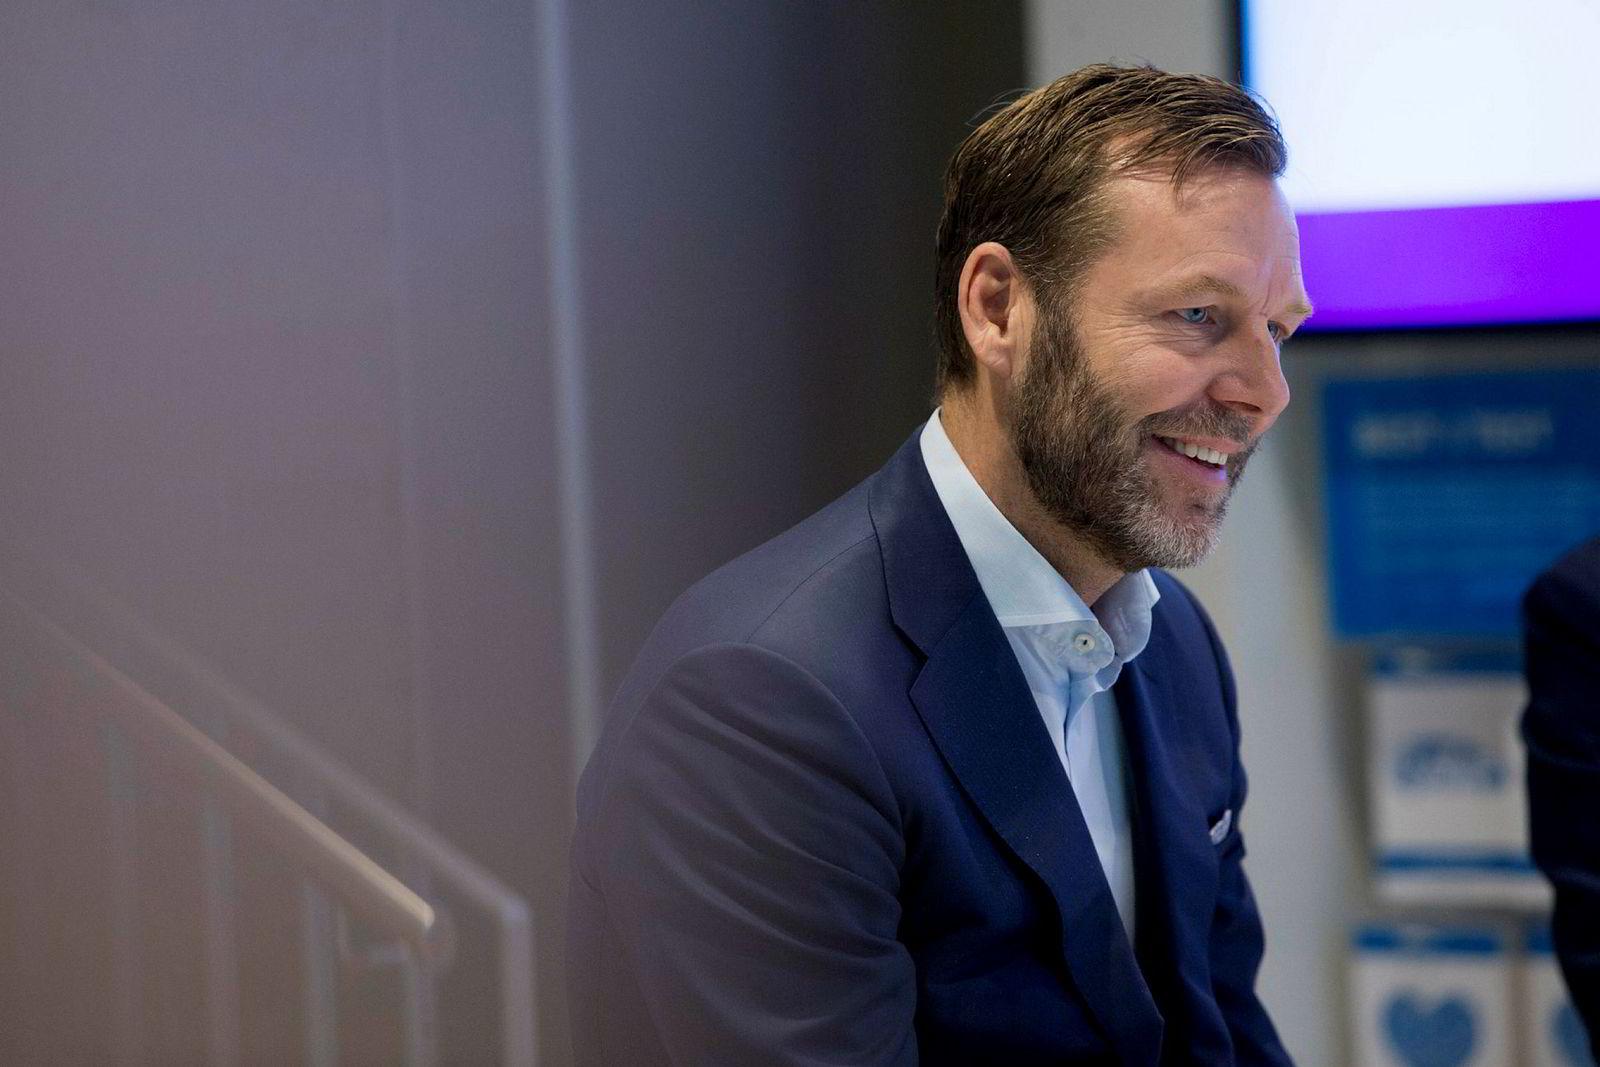 – En kunde skal kunne kjøpe flere tjenester av Telia, med samme varemerkeopplevelse og enkel leveranse, sier Telias konsernsjef Johan Dennelind.